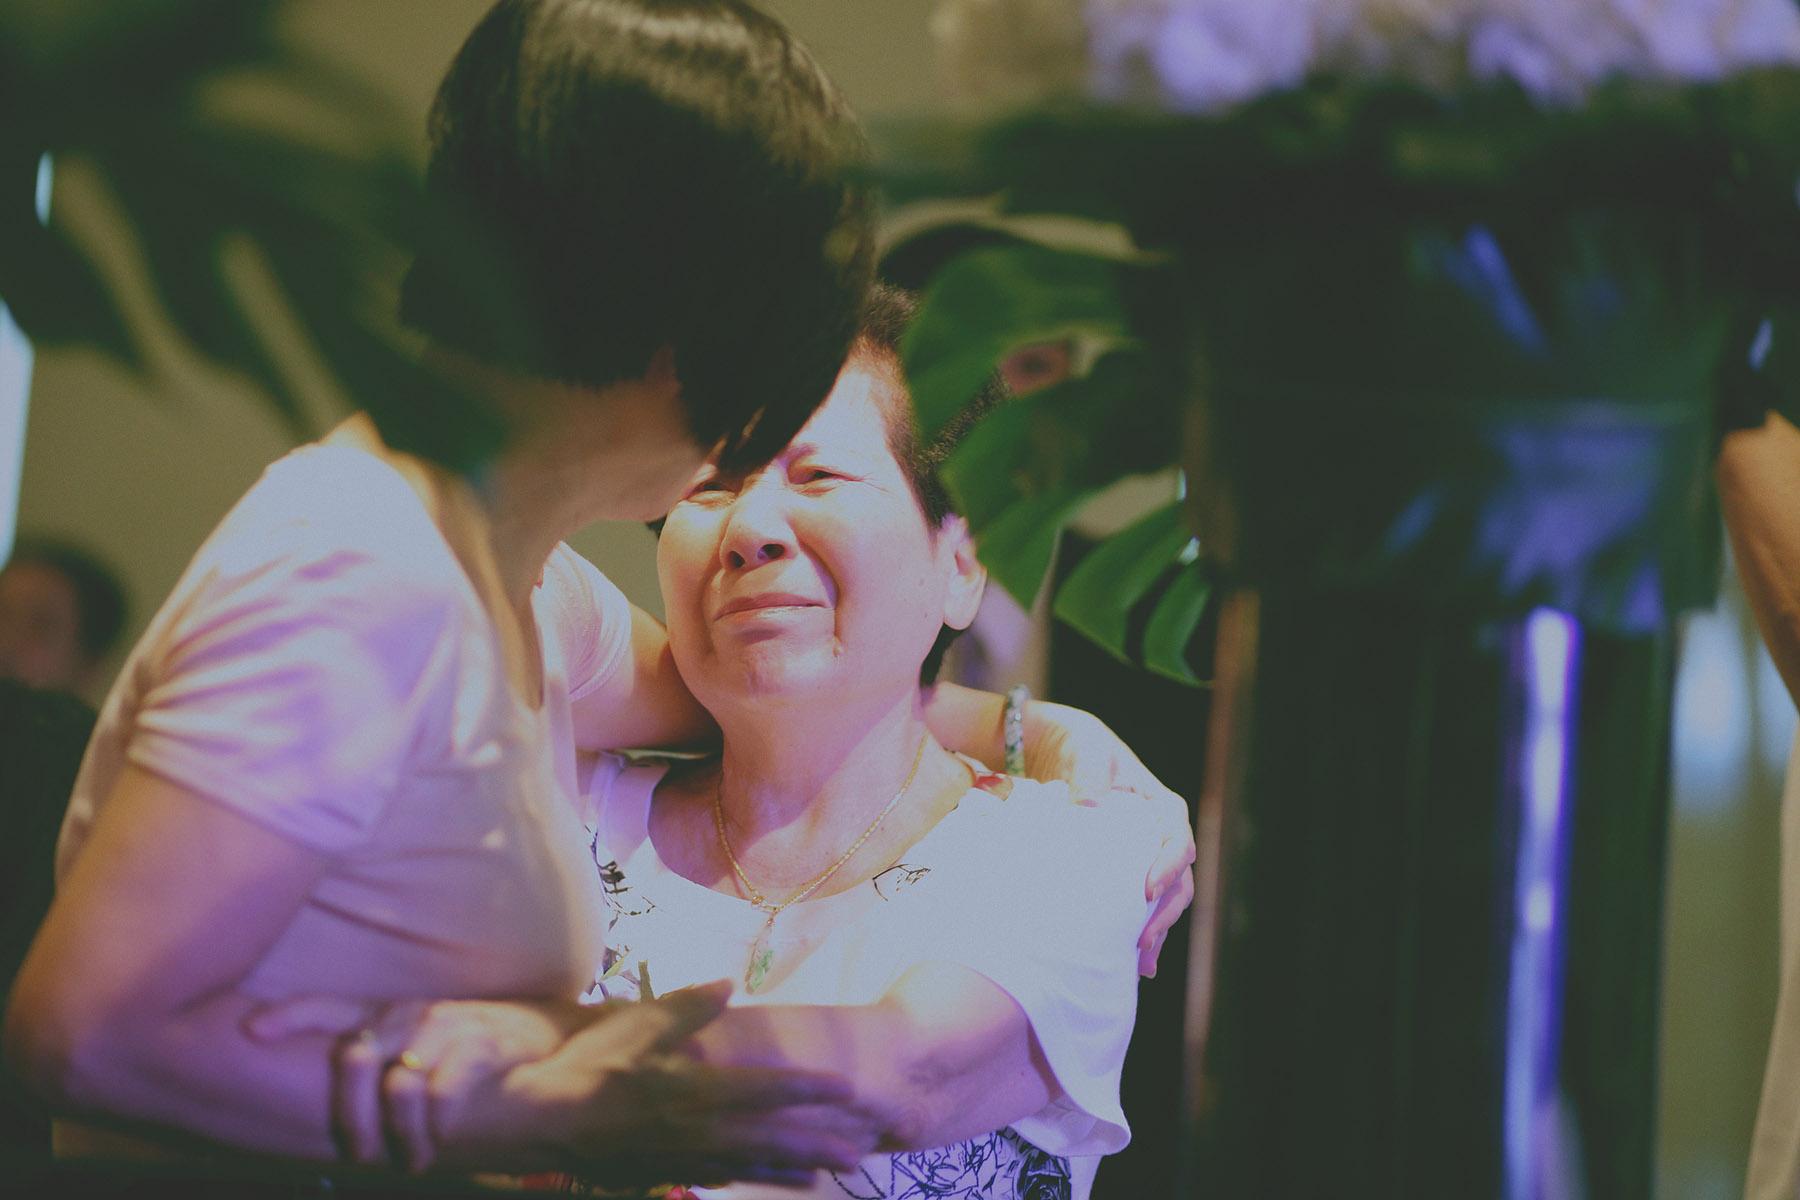 婚攝推薦,電影風格,底片,情感,婚禮攝影,婚禮紀錄,外婆